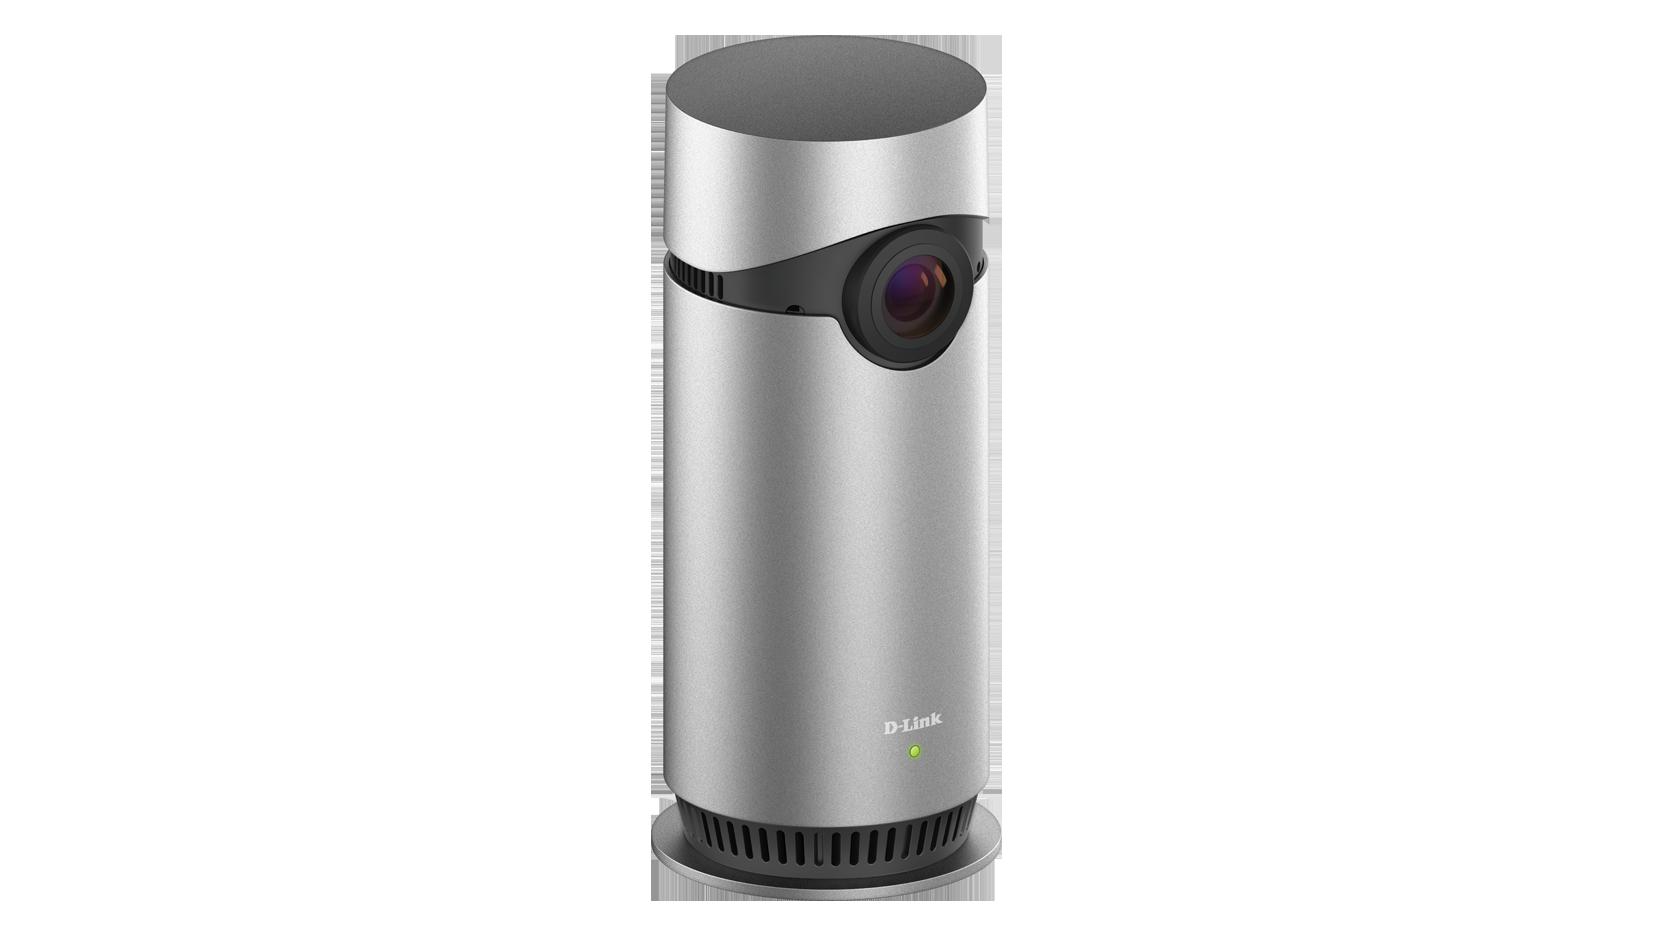 Erste Überwachungskamera für Apple HomeKit jetzt erhältlich